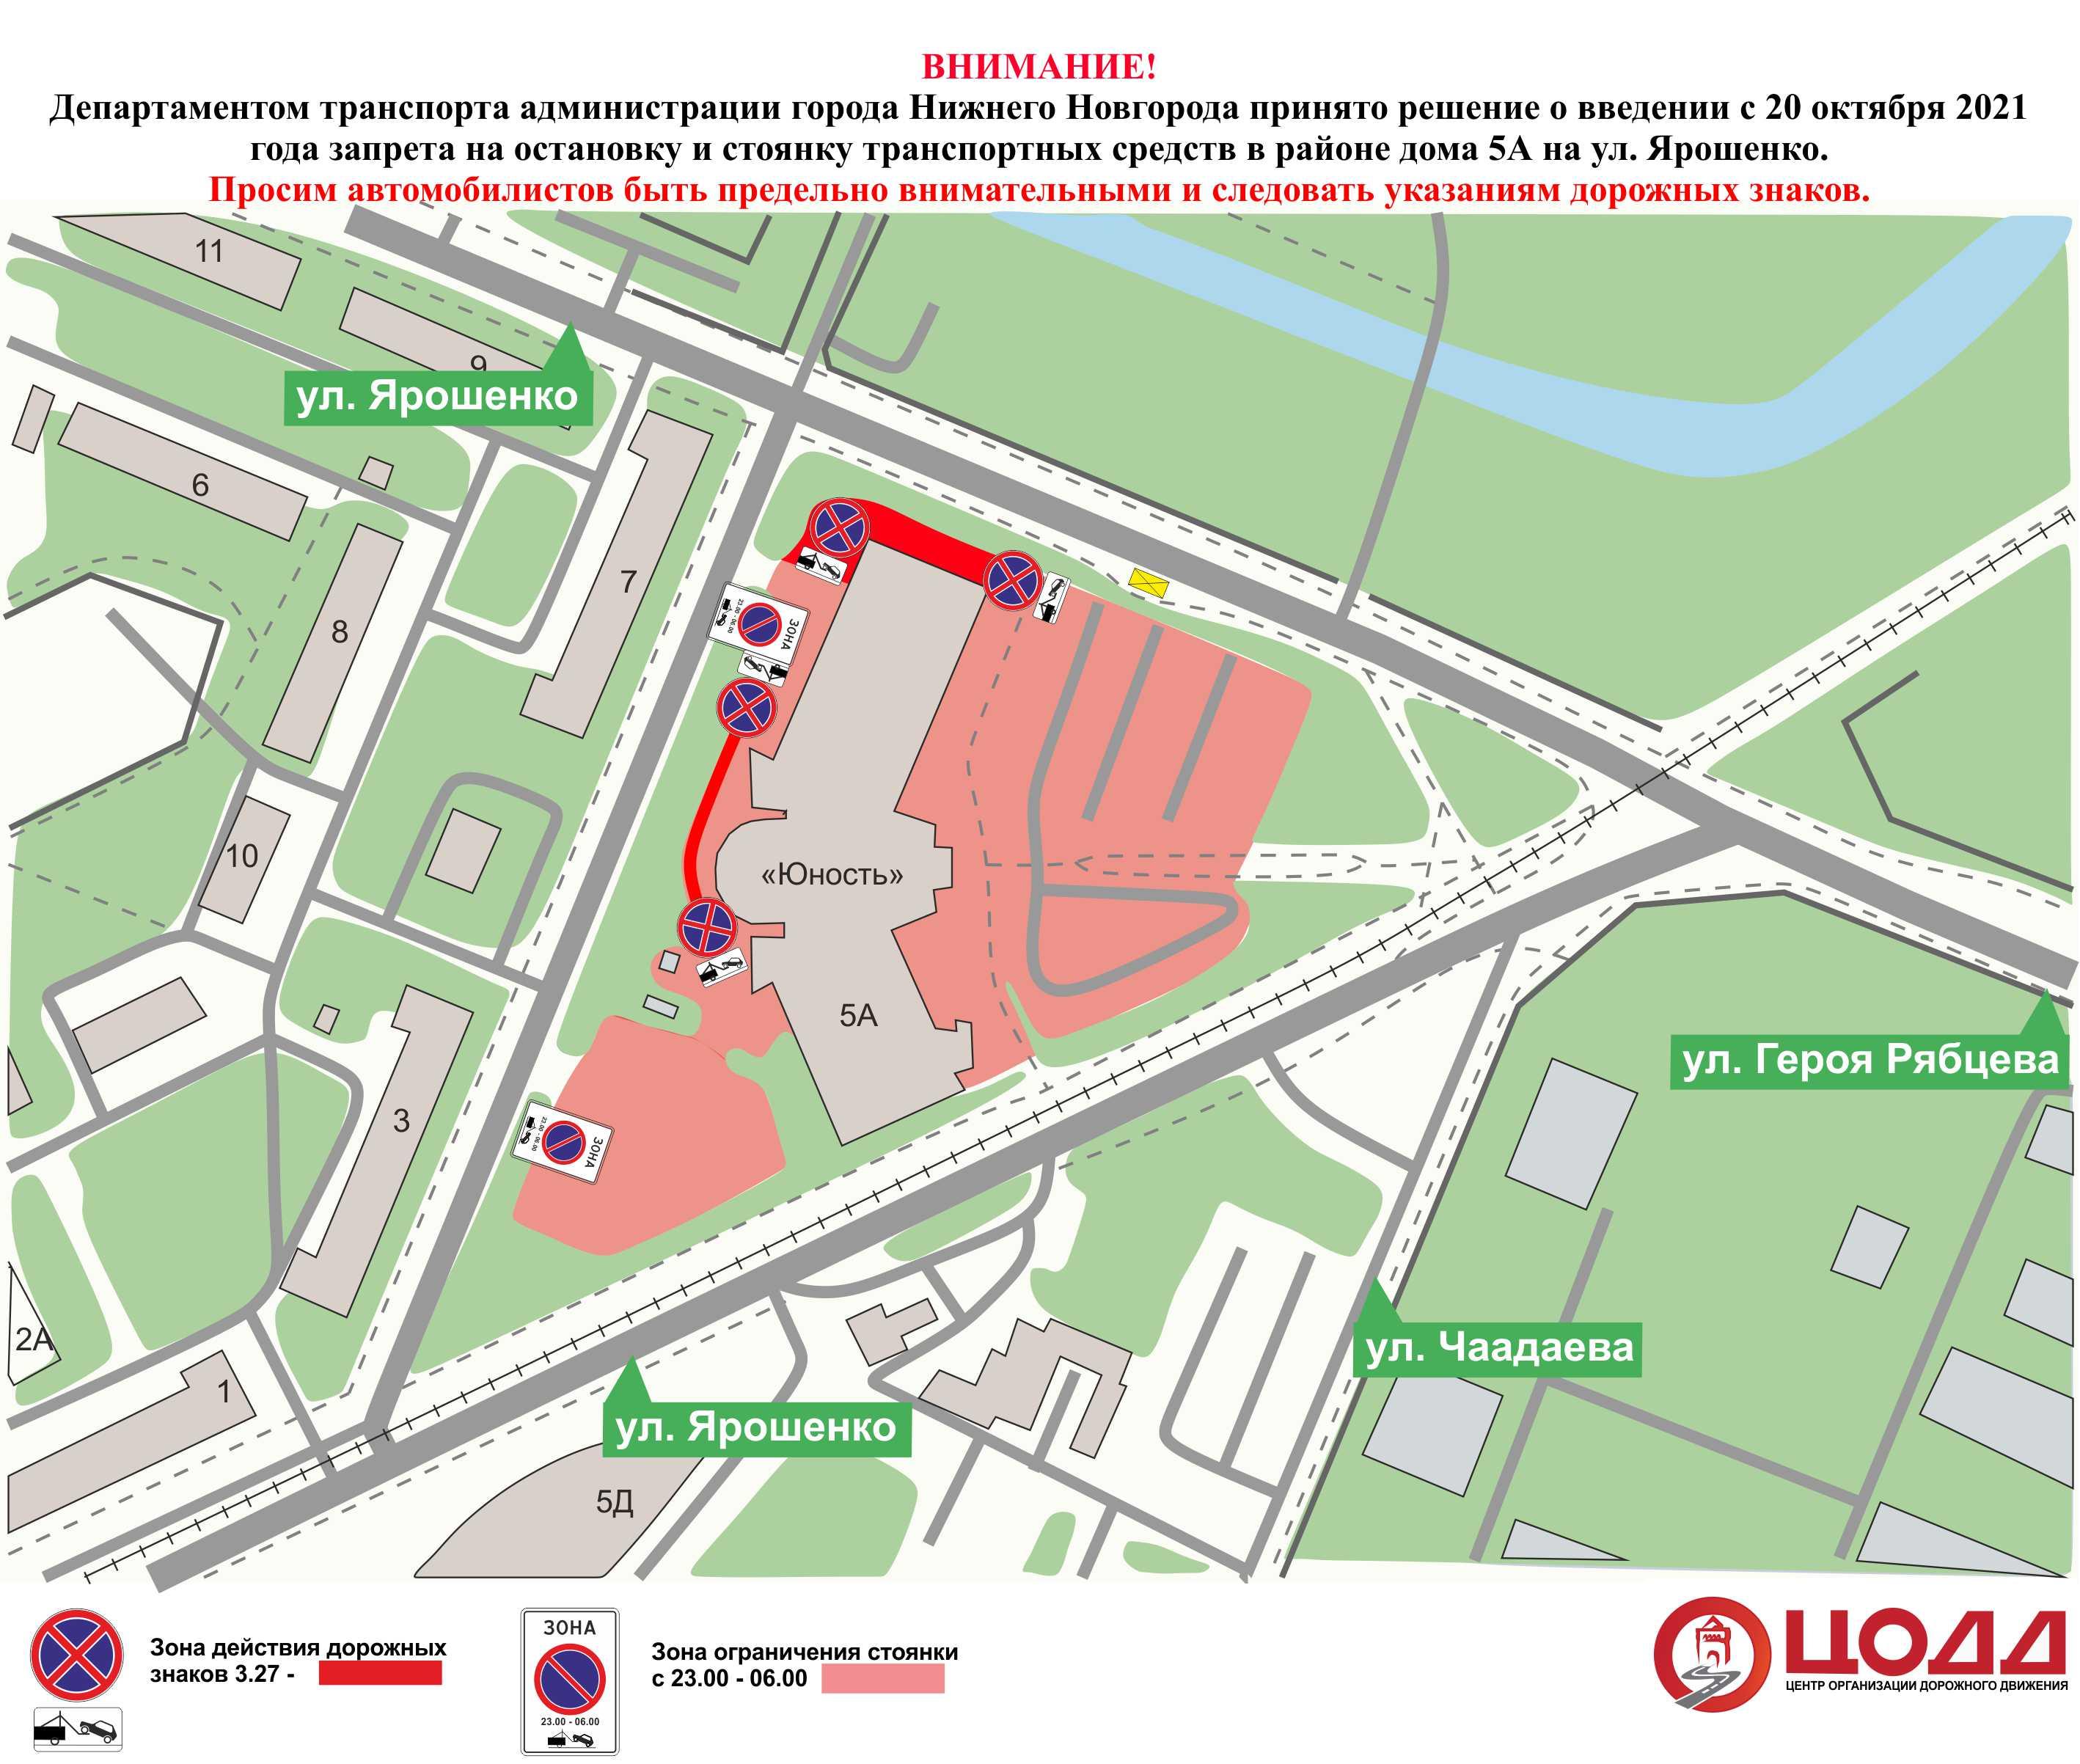 Ночную парковку запретят у нижегородского ФОКа «Юность» с 20 октября - фото 1